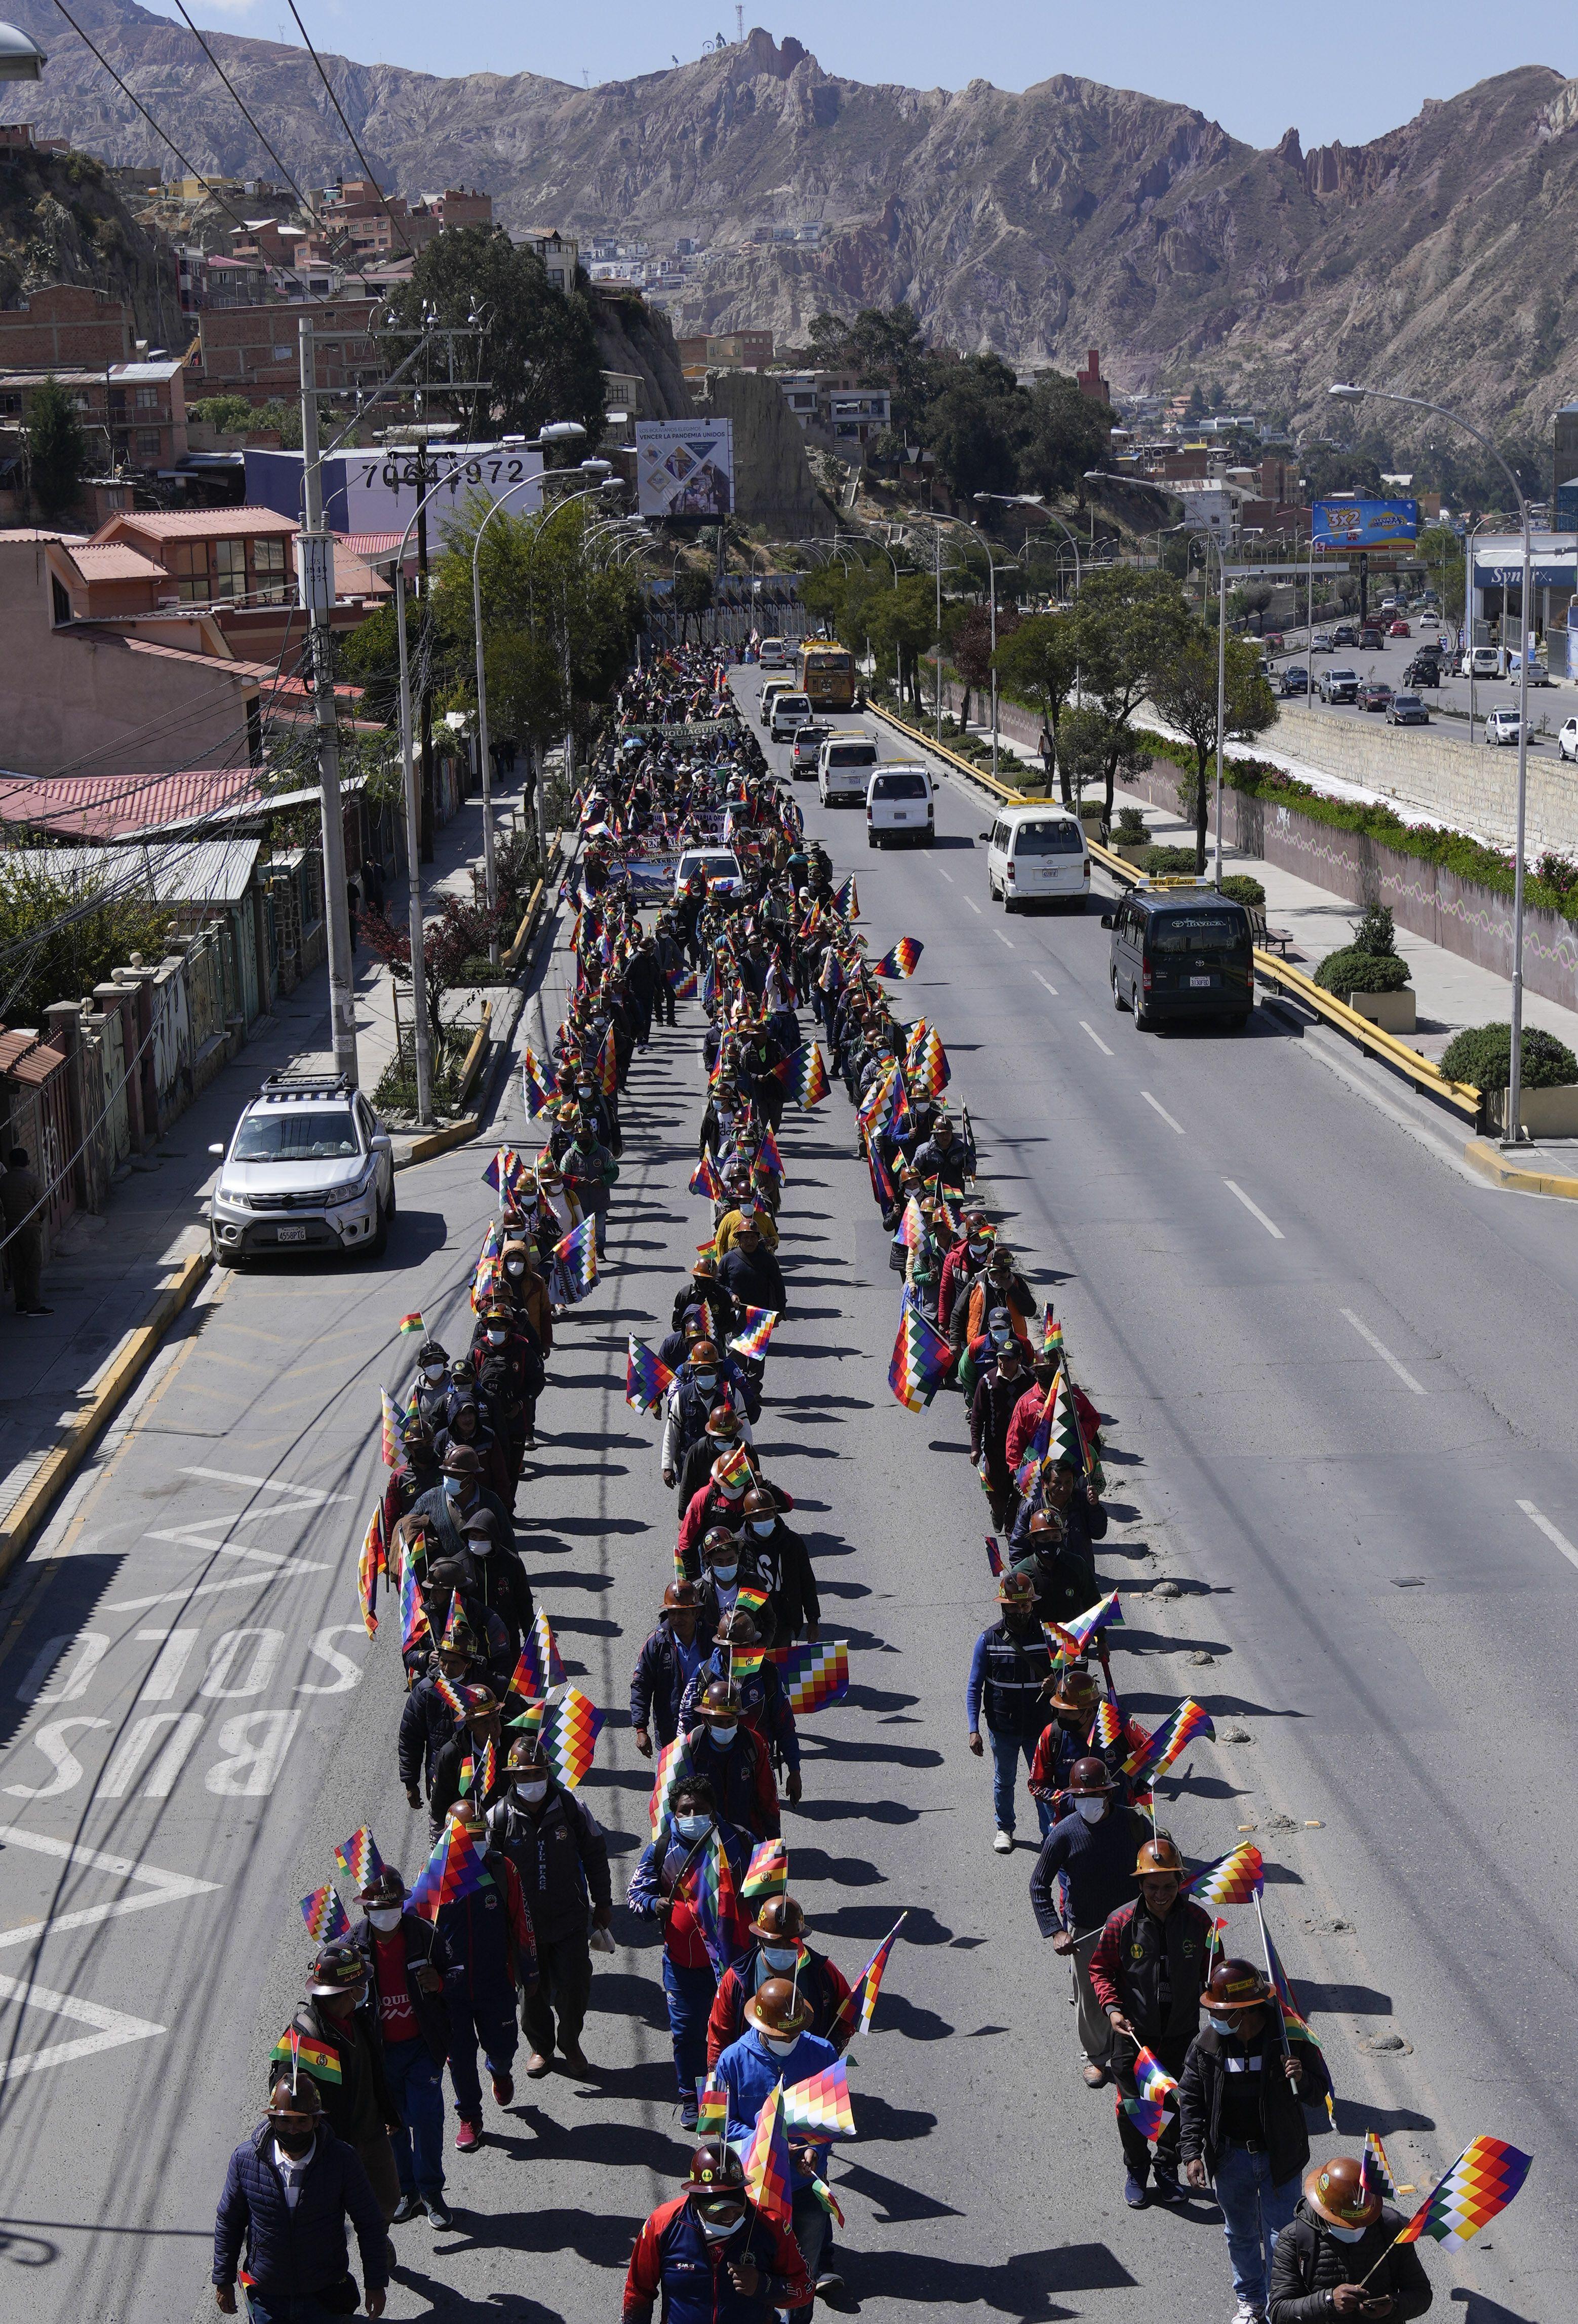 bolivia: evo morales encabeza marcha a favor del presidente